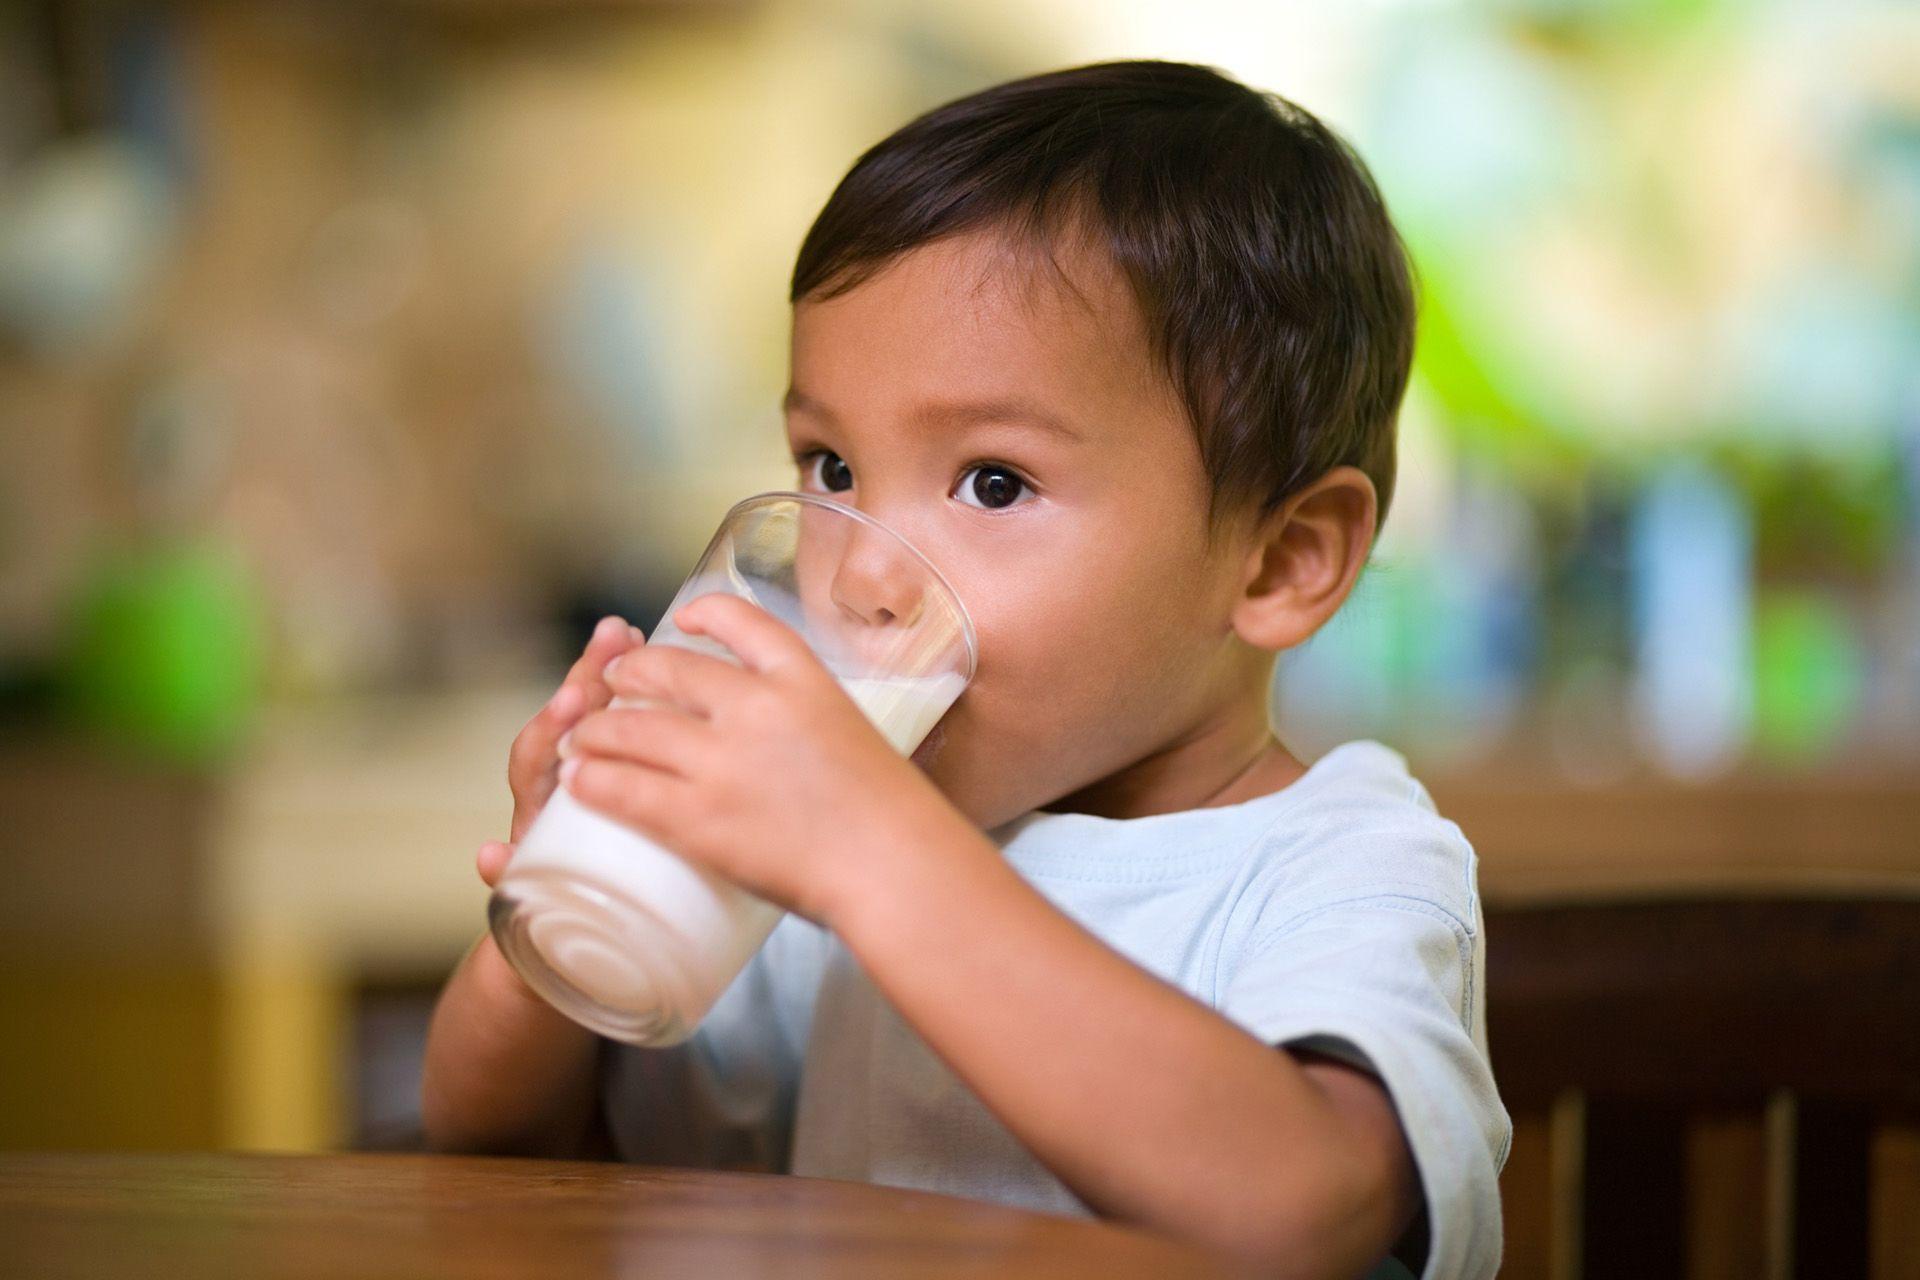 تفسير رؤية شرب الحليب في المنام الحليب الحليب في الحلم الحليب في المنام حلم شرب الحليب Lactose Free Diet Kids Health Baby Milk